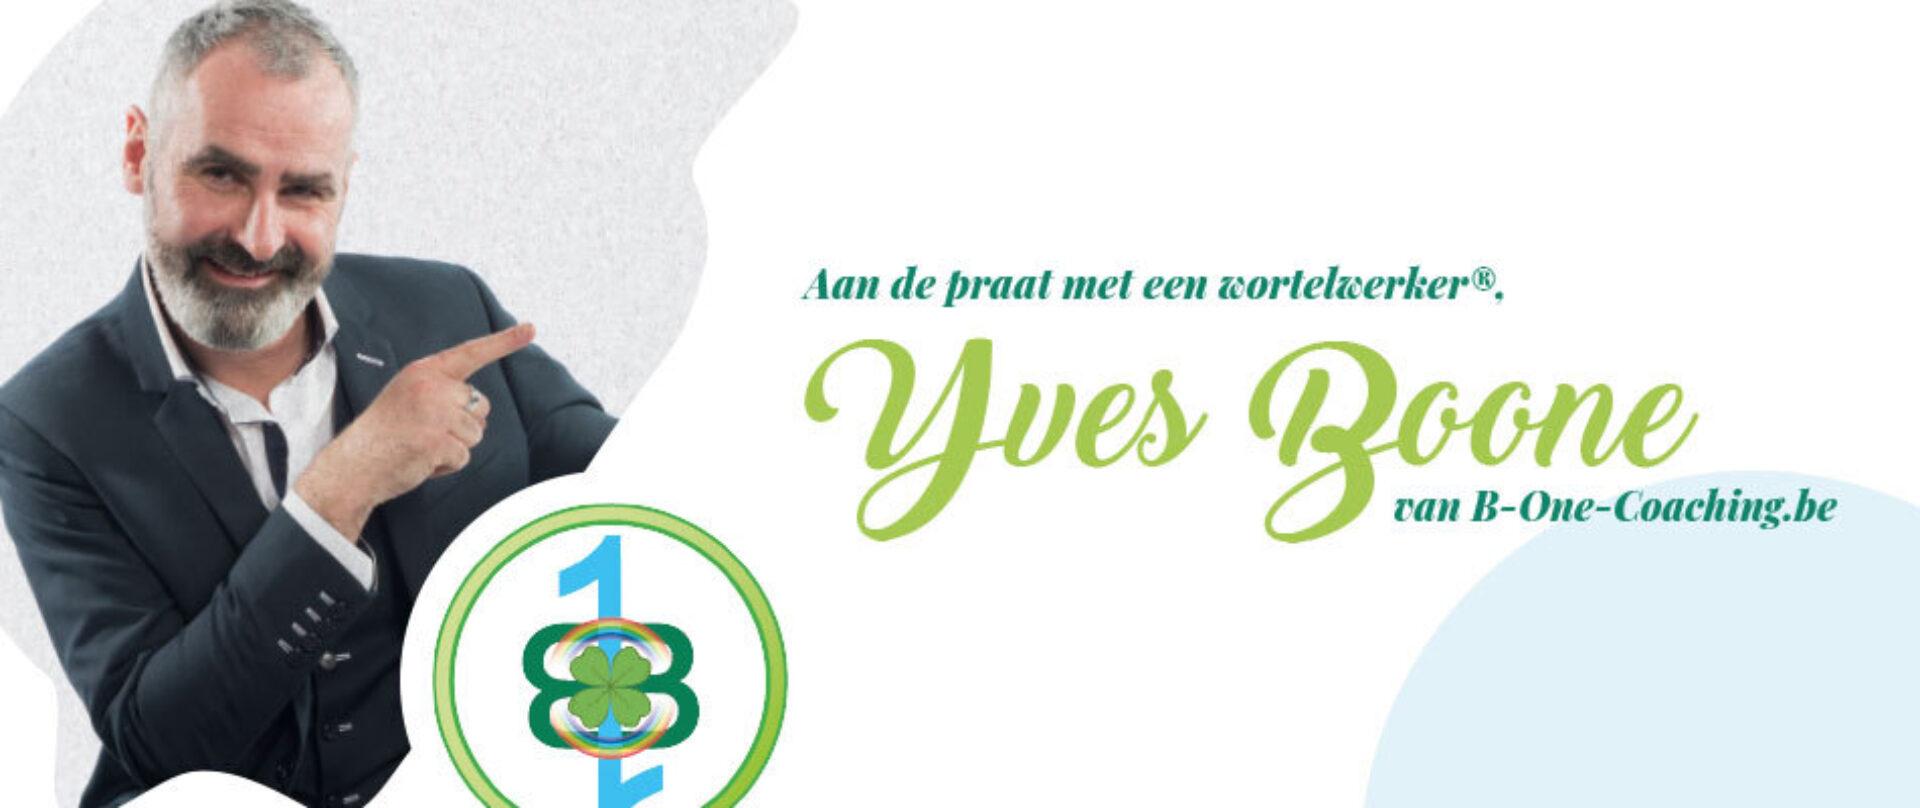 Reportage - Aan de praat met een wortelwerker® Yves Boone van B-One Coaching